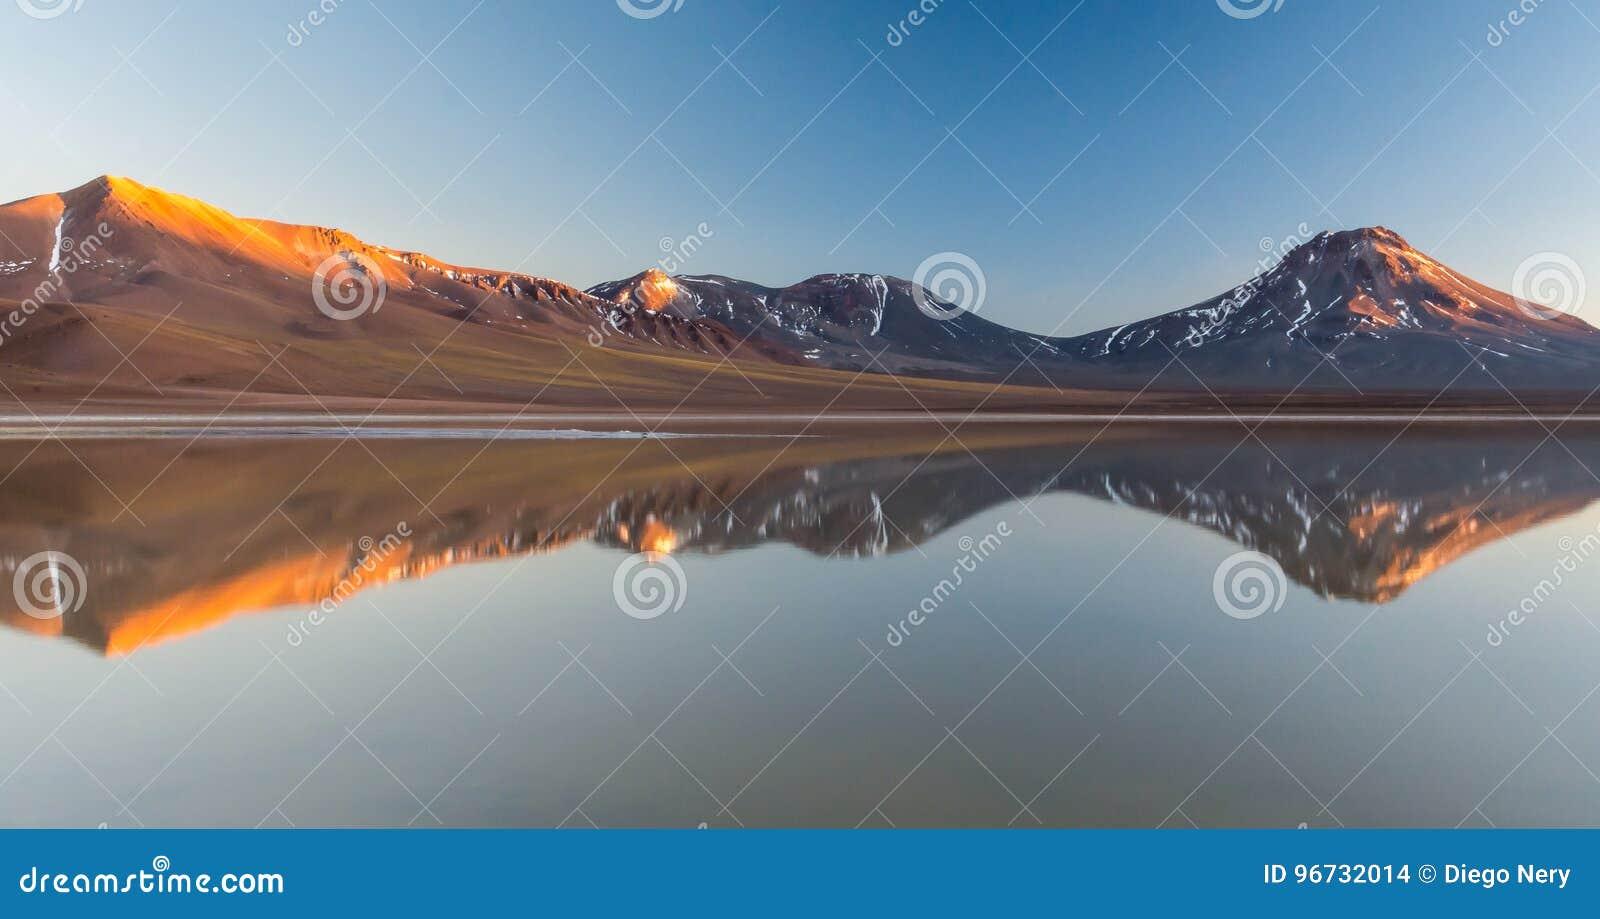 Sunrise at Laguna Lejía, Atacama Desert with Volcano Laskar